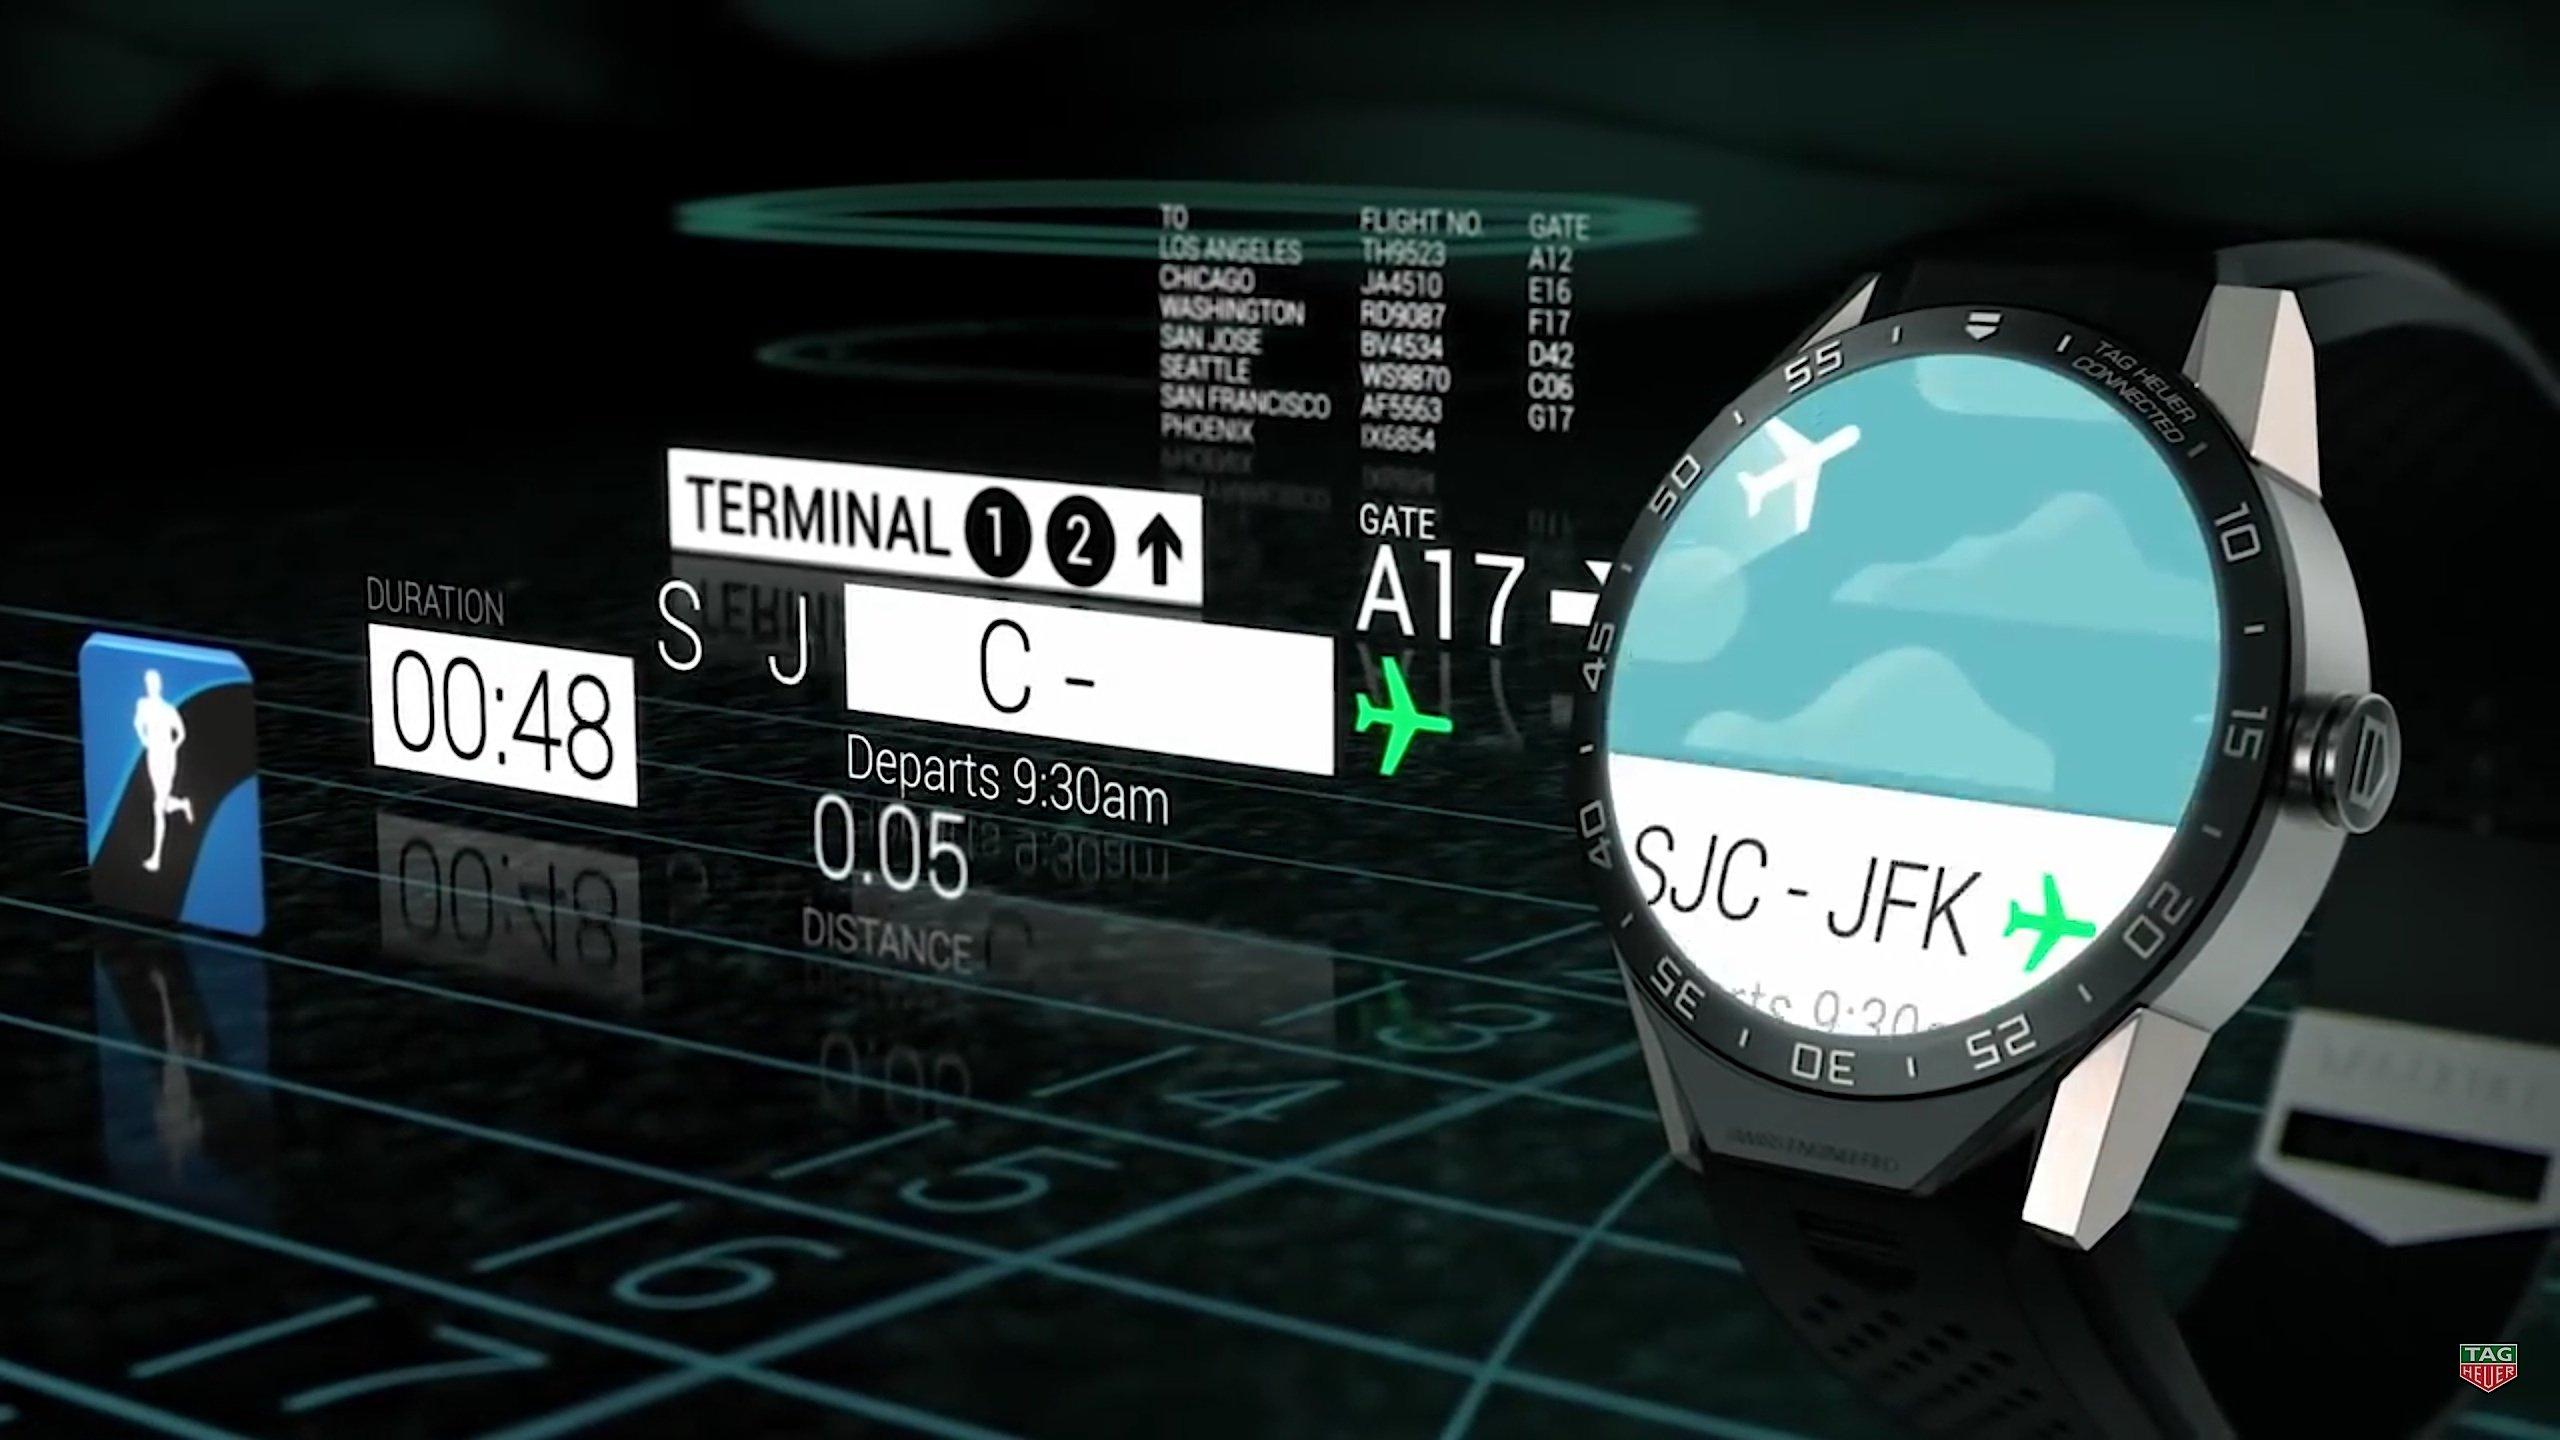 Wo ist der Weg zum Gate? Natürlich verfügt die TAG Heuer Connected auch über einen Navi, der den richtigen Weg zum Flugzeug weist.